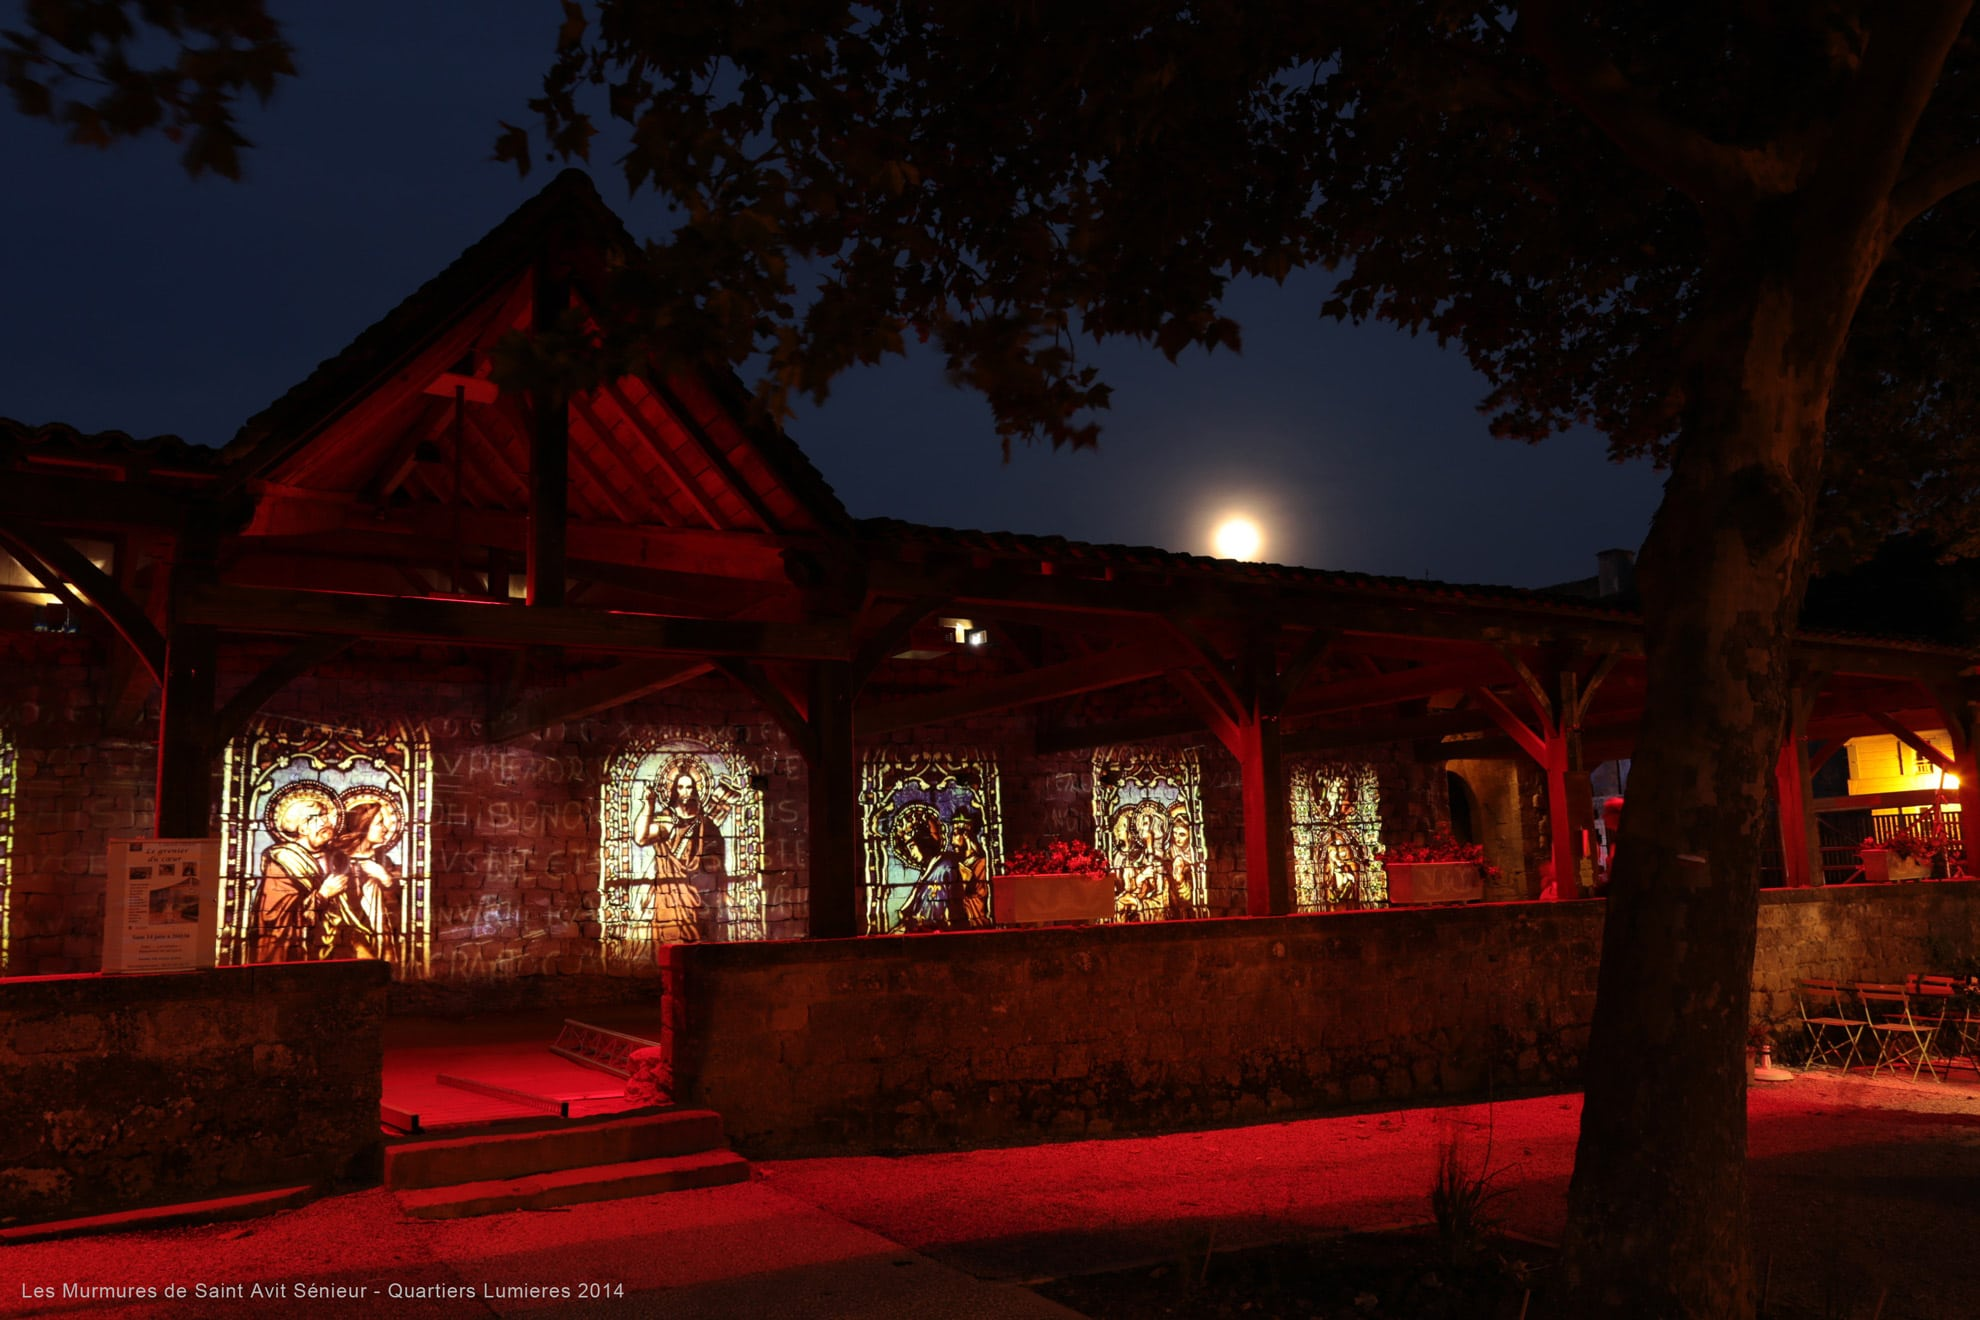 eclairage rouge avec projection d'images dans un cloitre